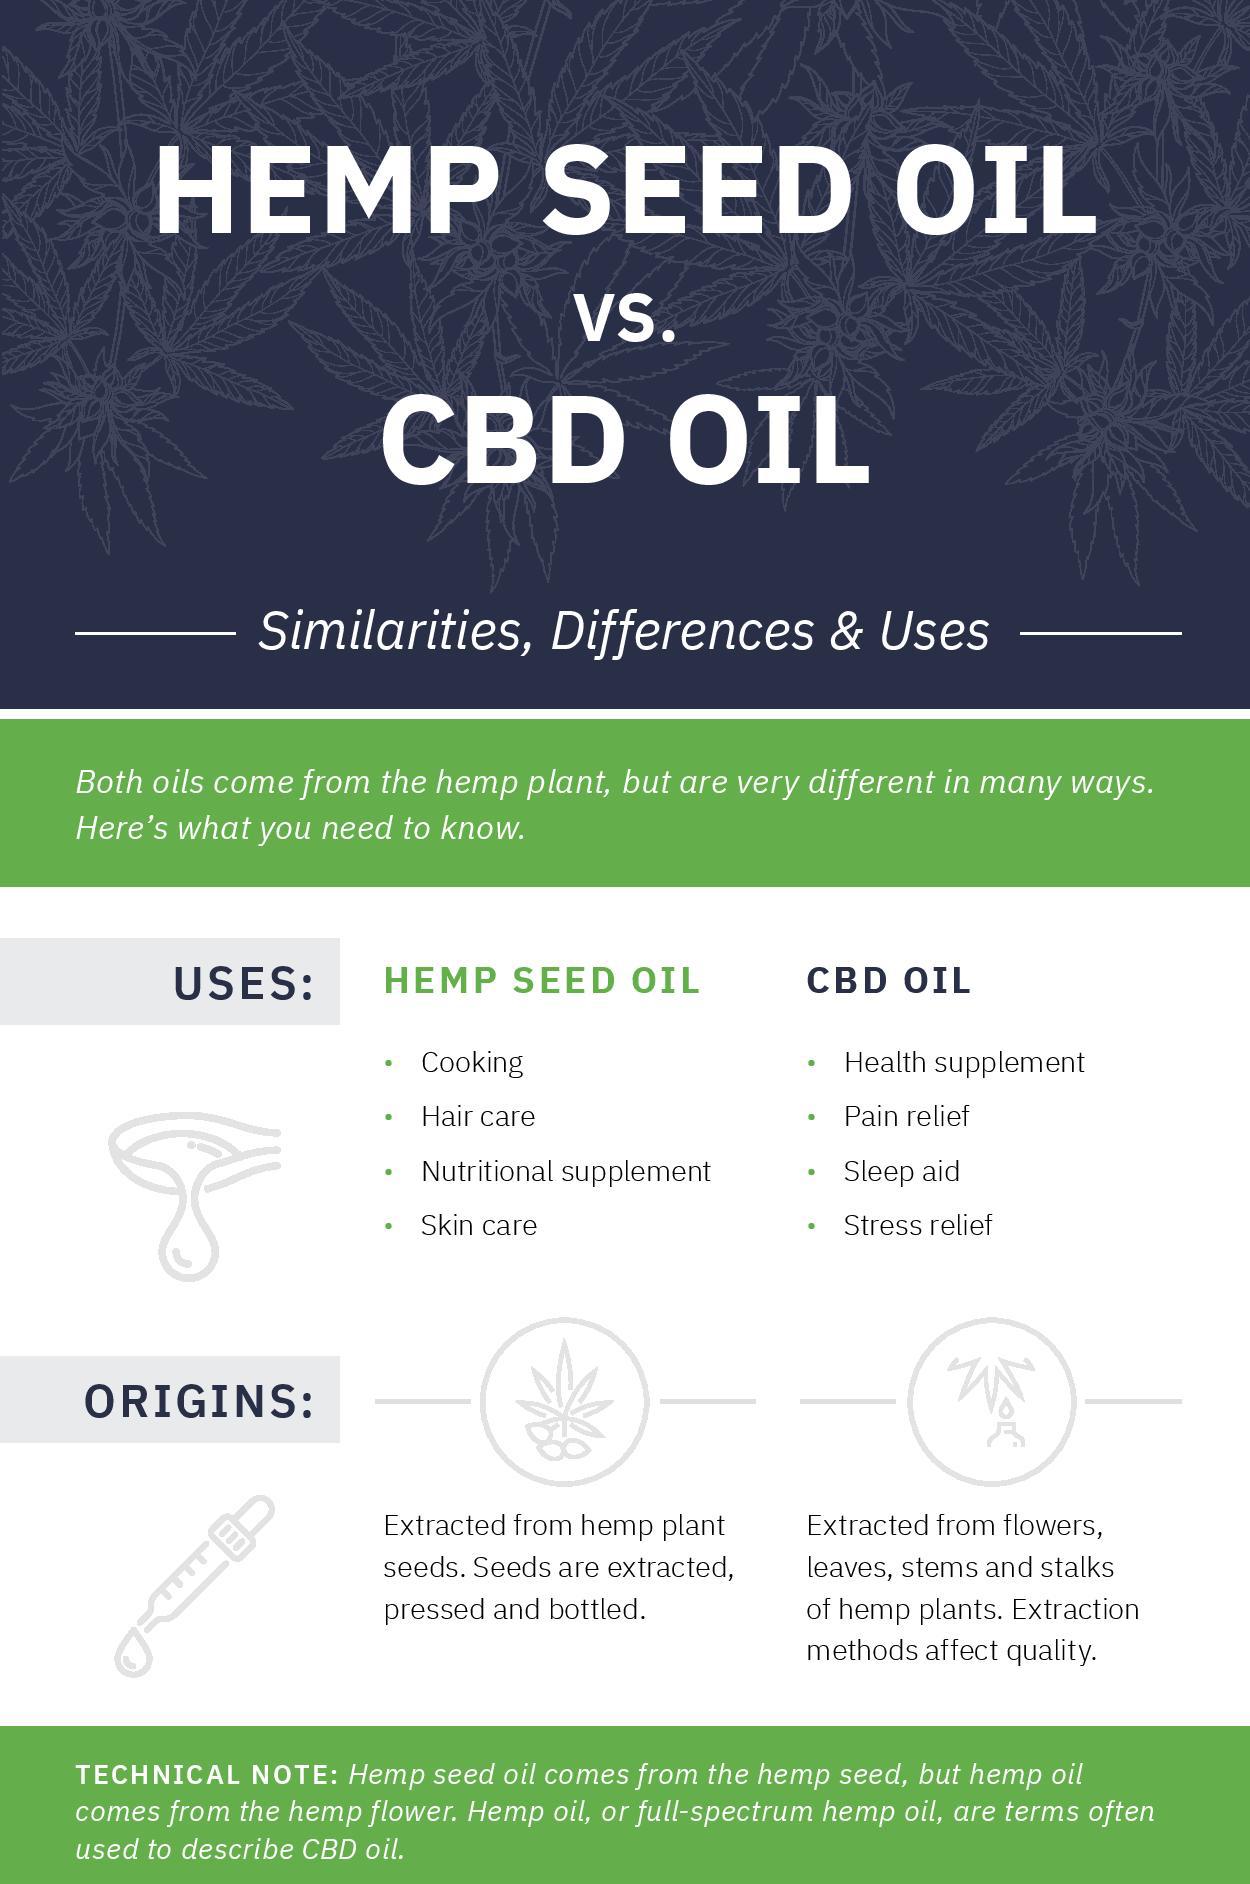 Hemp Seed Oil versus CBD Oil